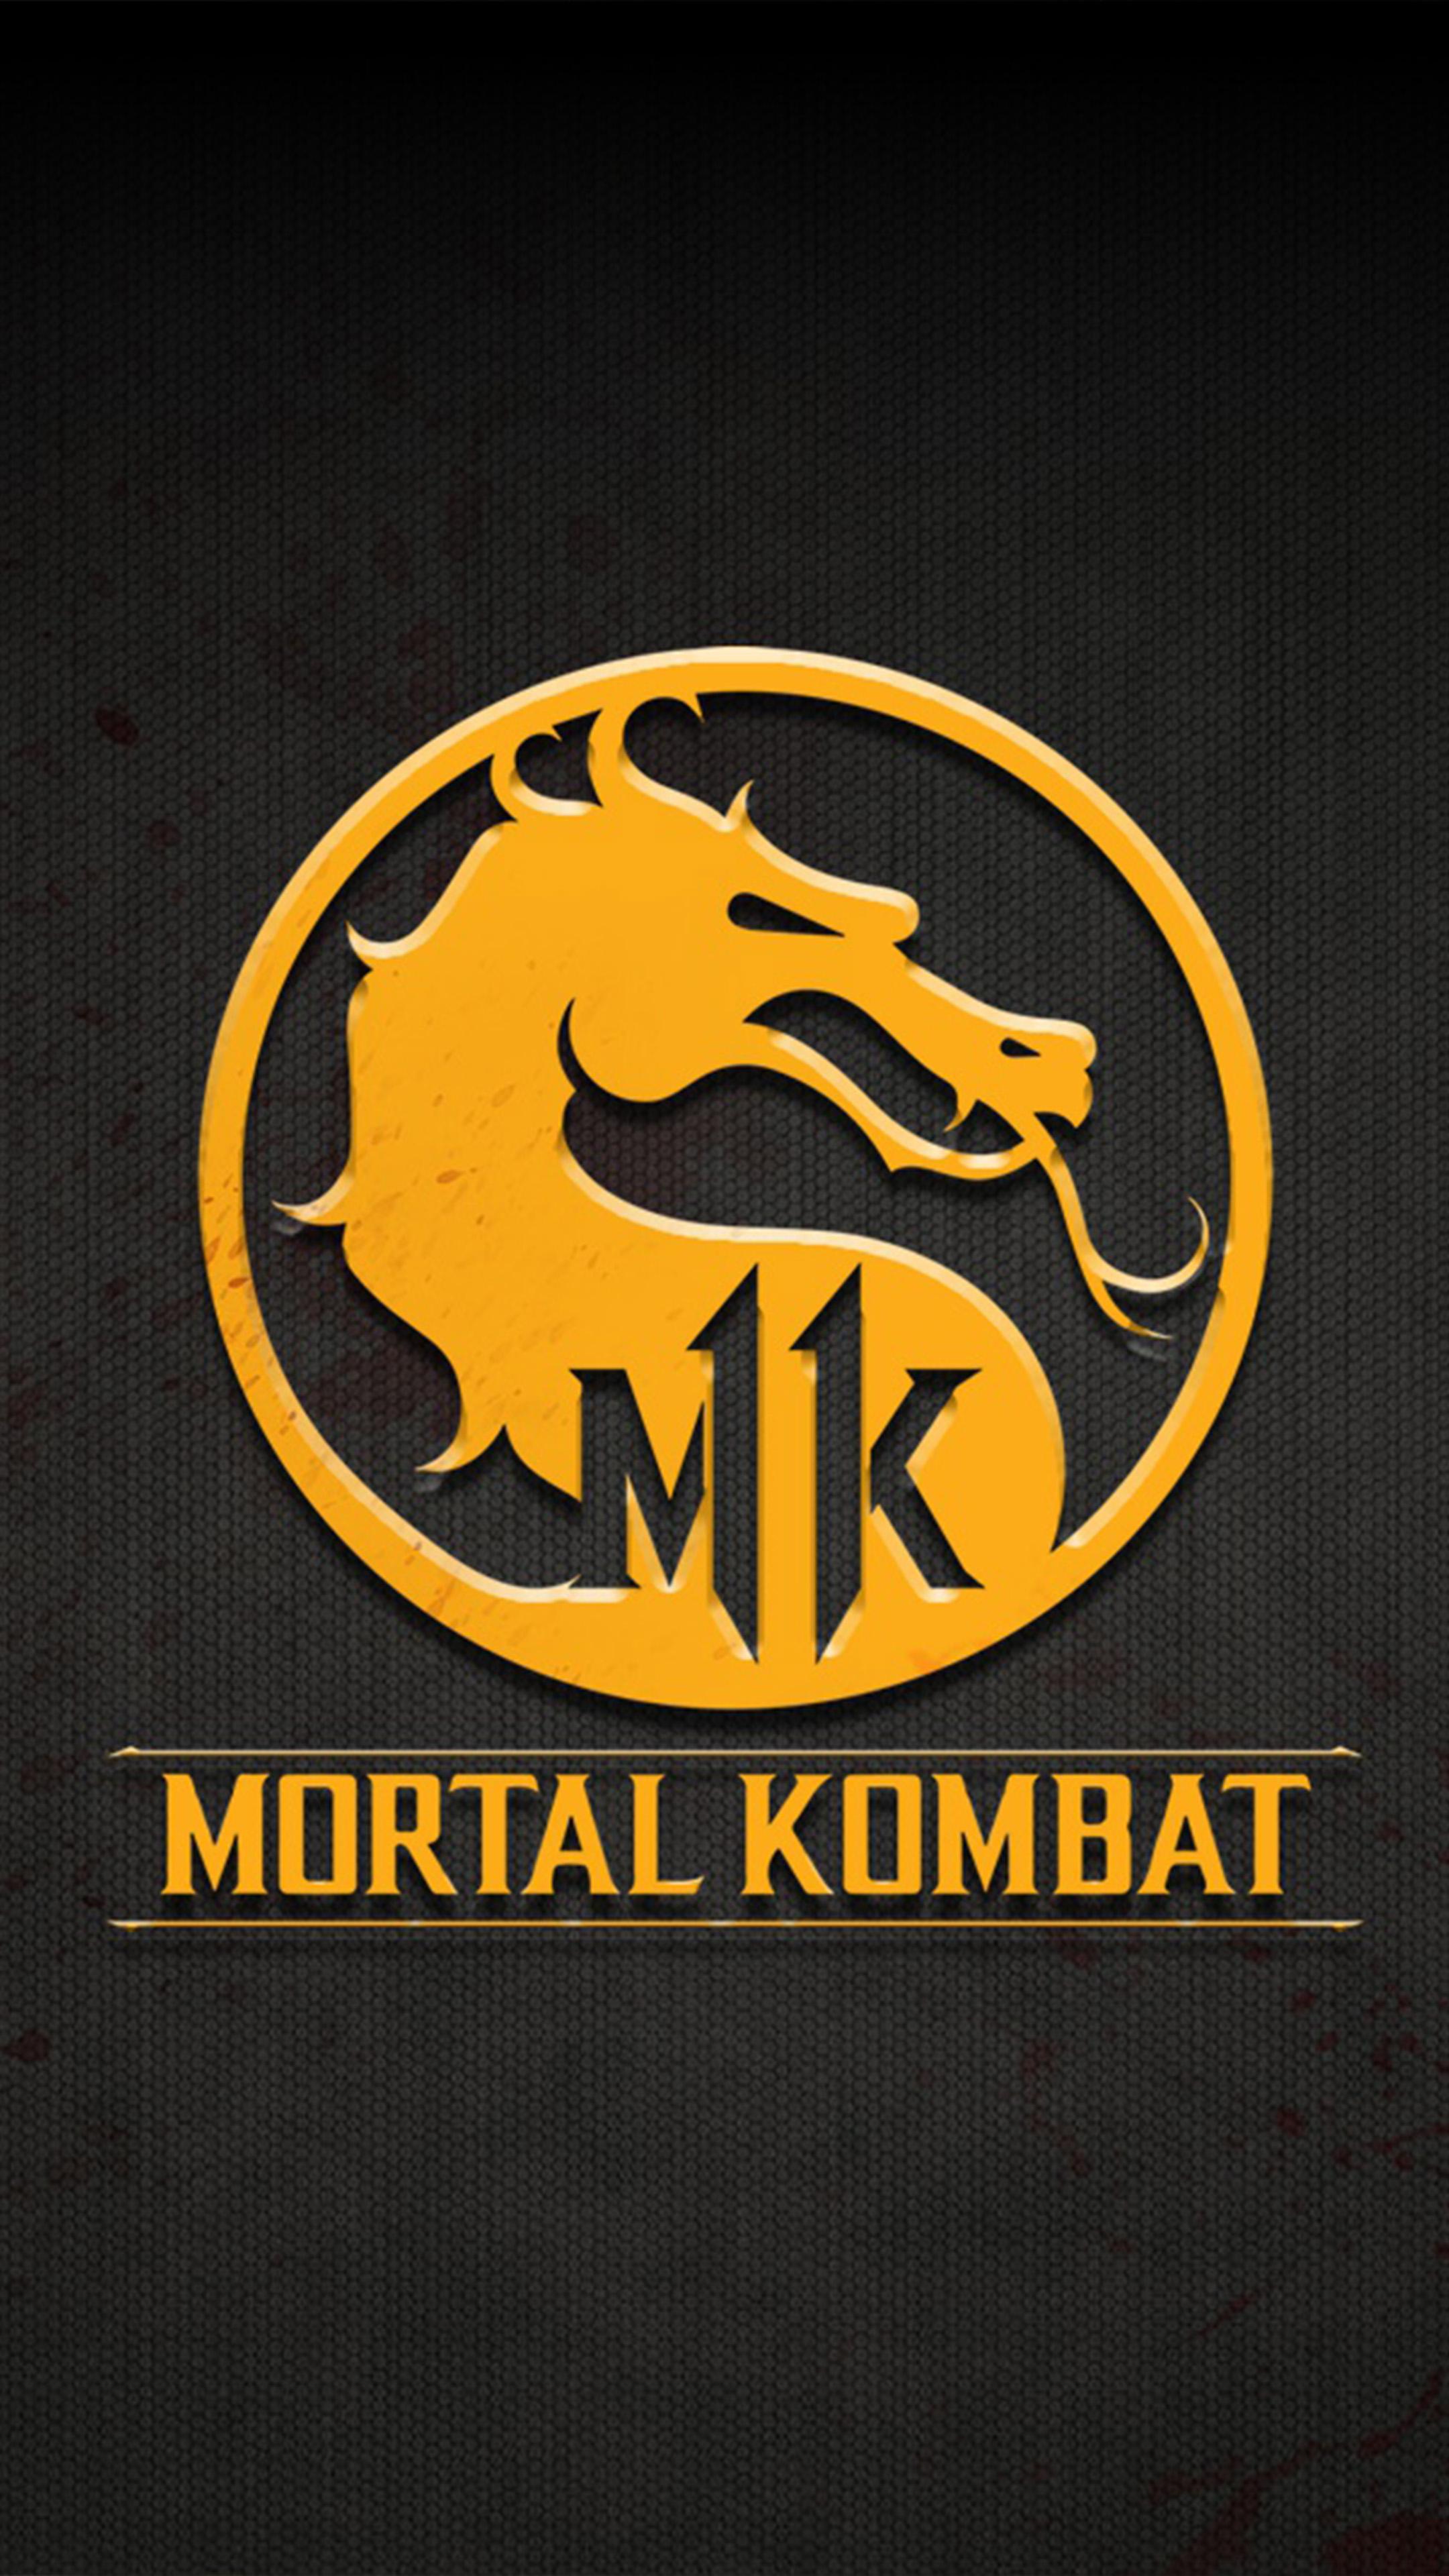 Mortal Kombat 11 Logo 4k Ultra Hd Mobile Wallpaper